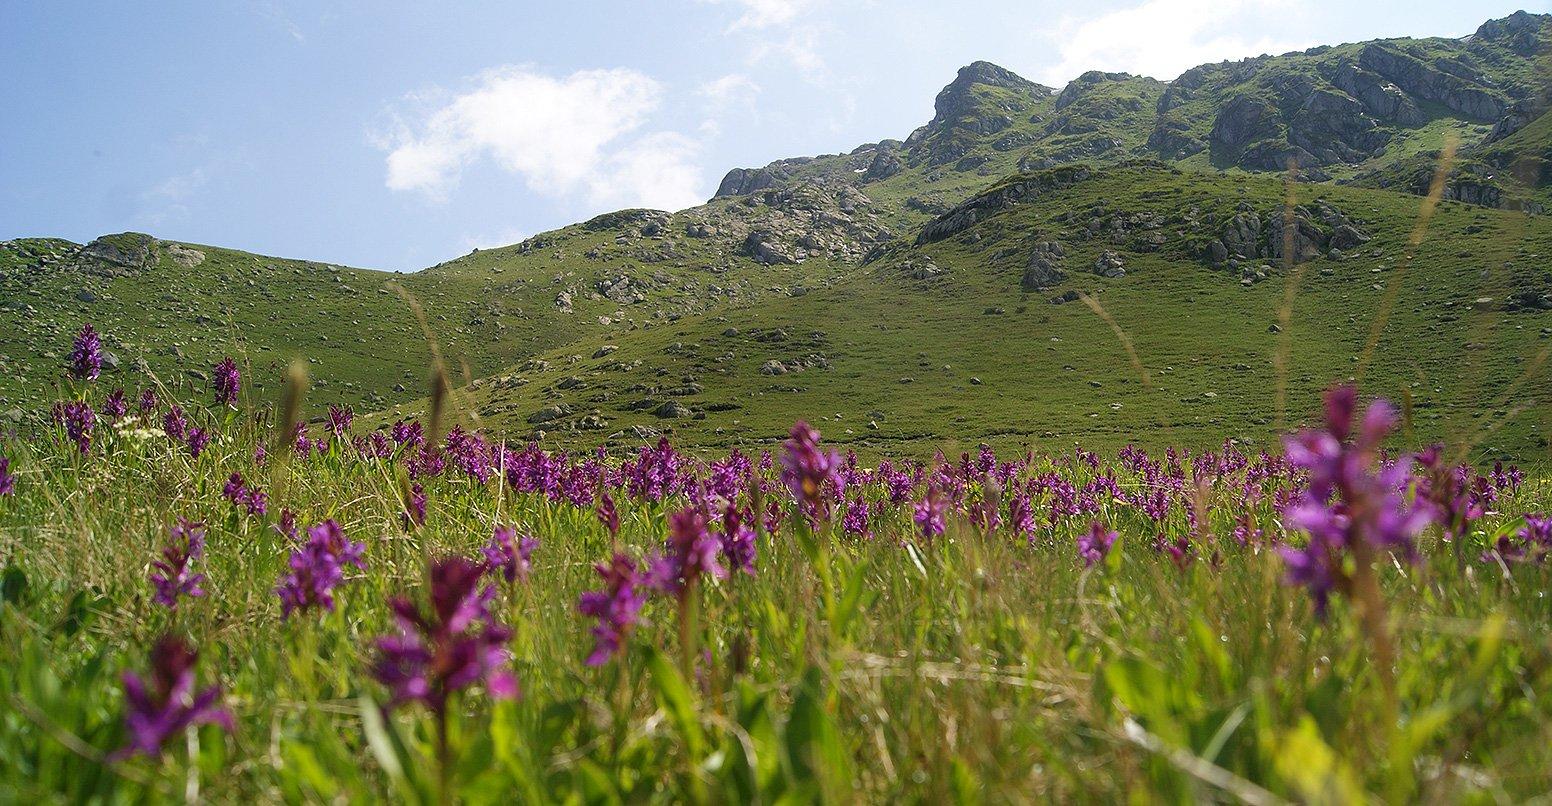 Альпика пятнами сплошь заросла орхидеями